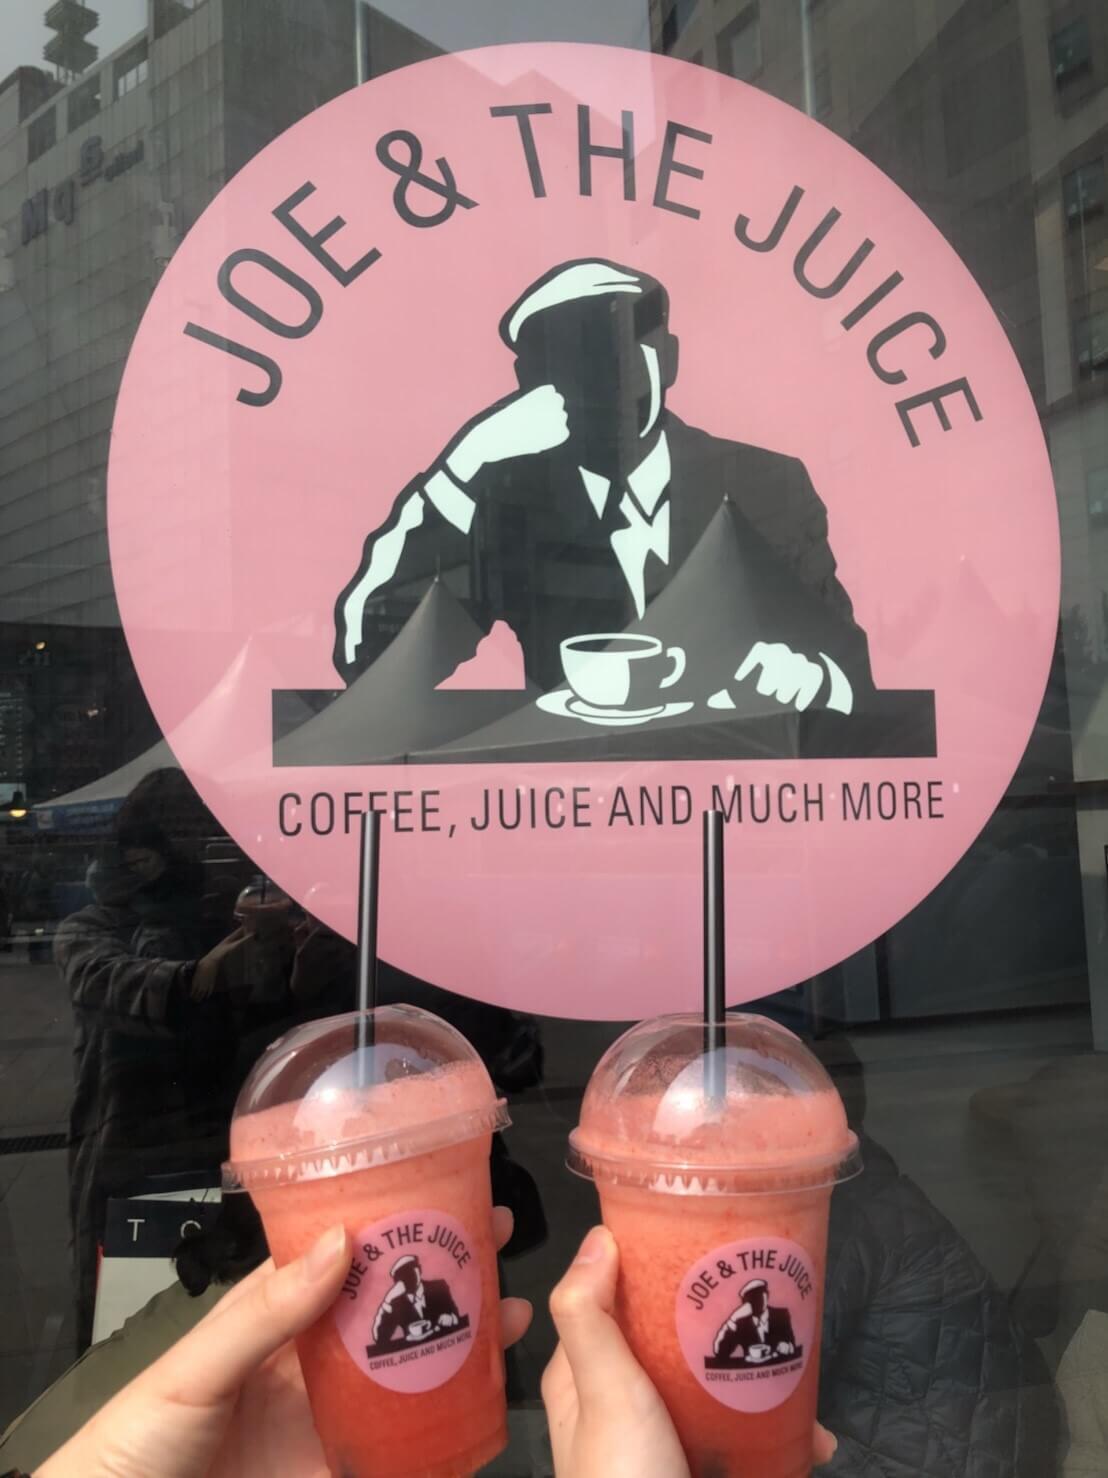 デンマーク発の「今日本にきて欲しいカフェNo.1」とも言われるJoe and the juiceもこのホテルの一階にあります。イケメン店員さんと、美味しいフレッシュジュースがポイント。